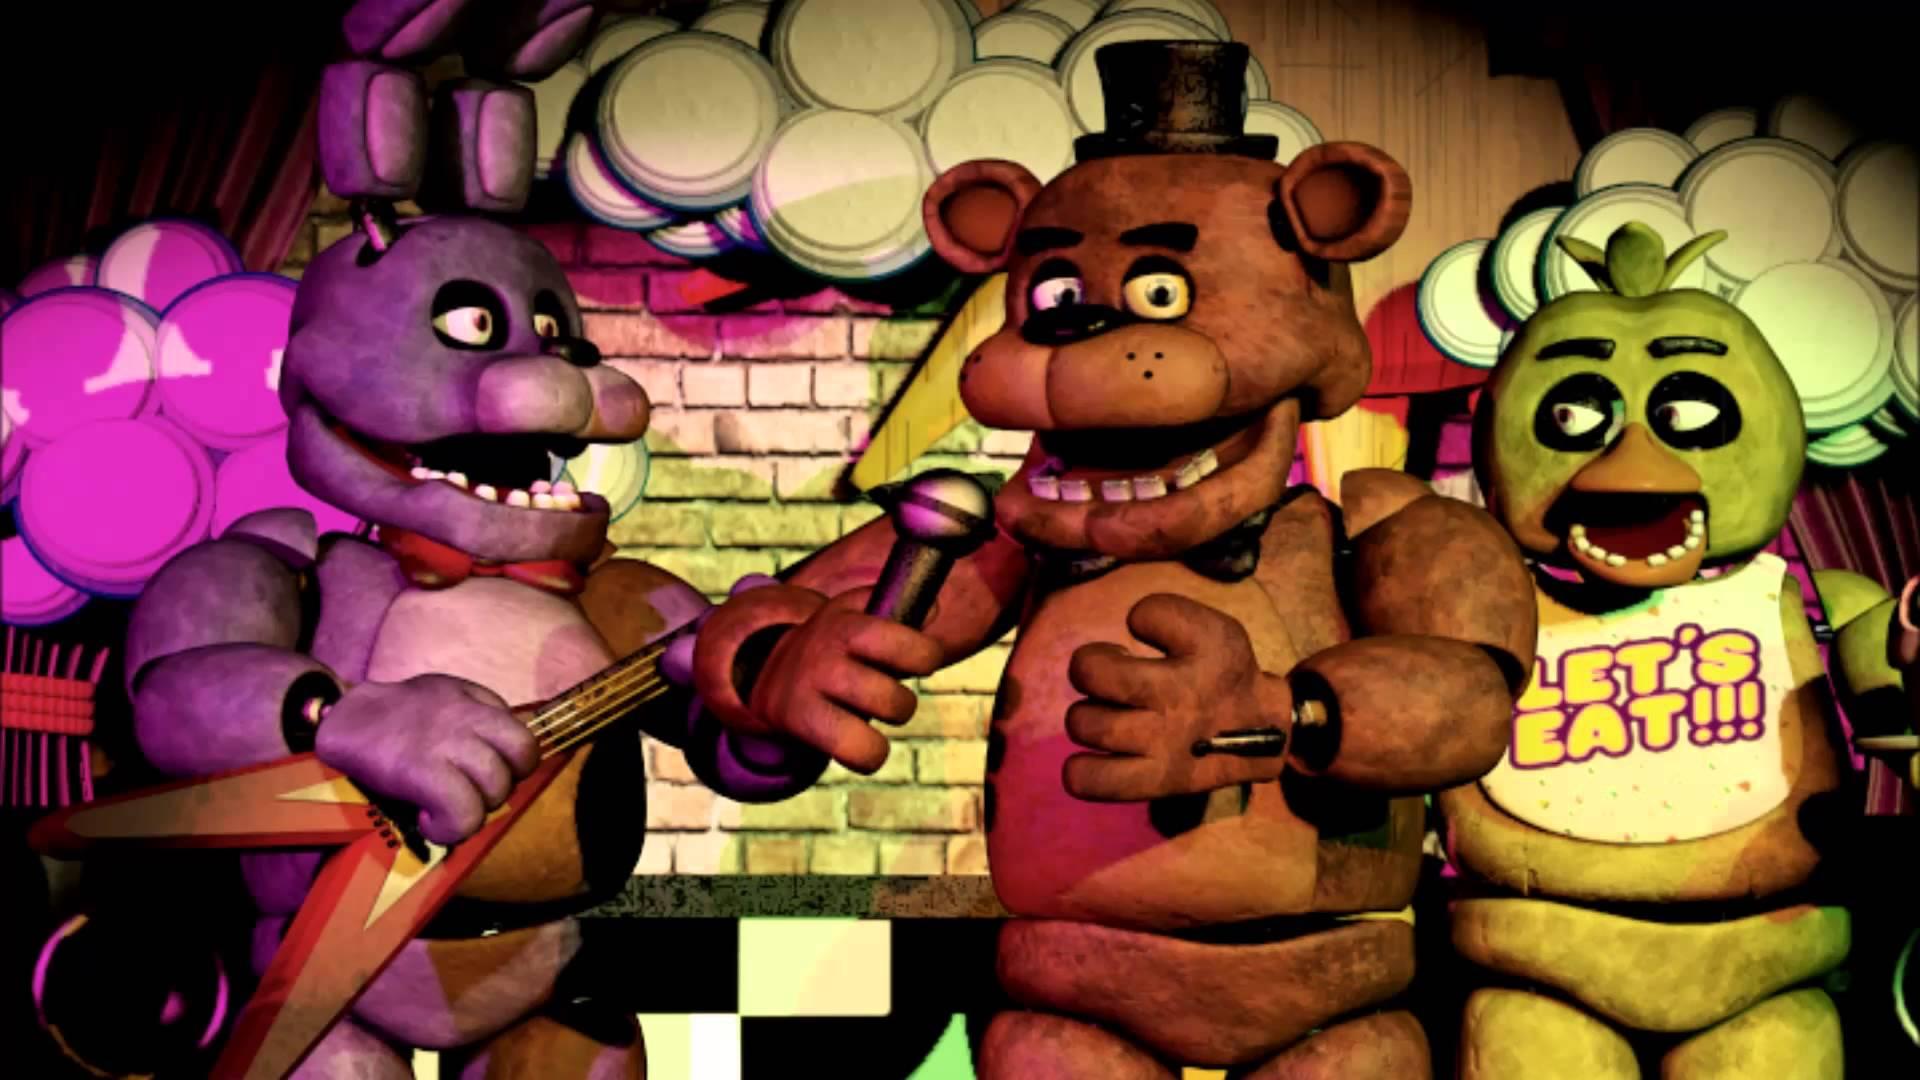 تحميل لعبة الرعب Five Nights at Freddy's للاندرويد كاملة